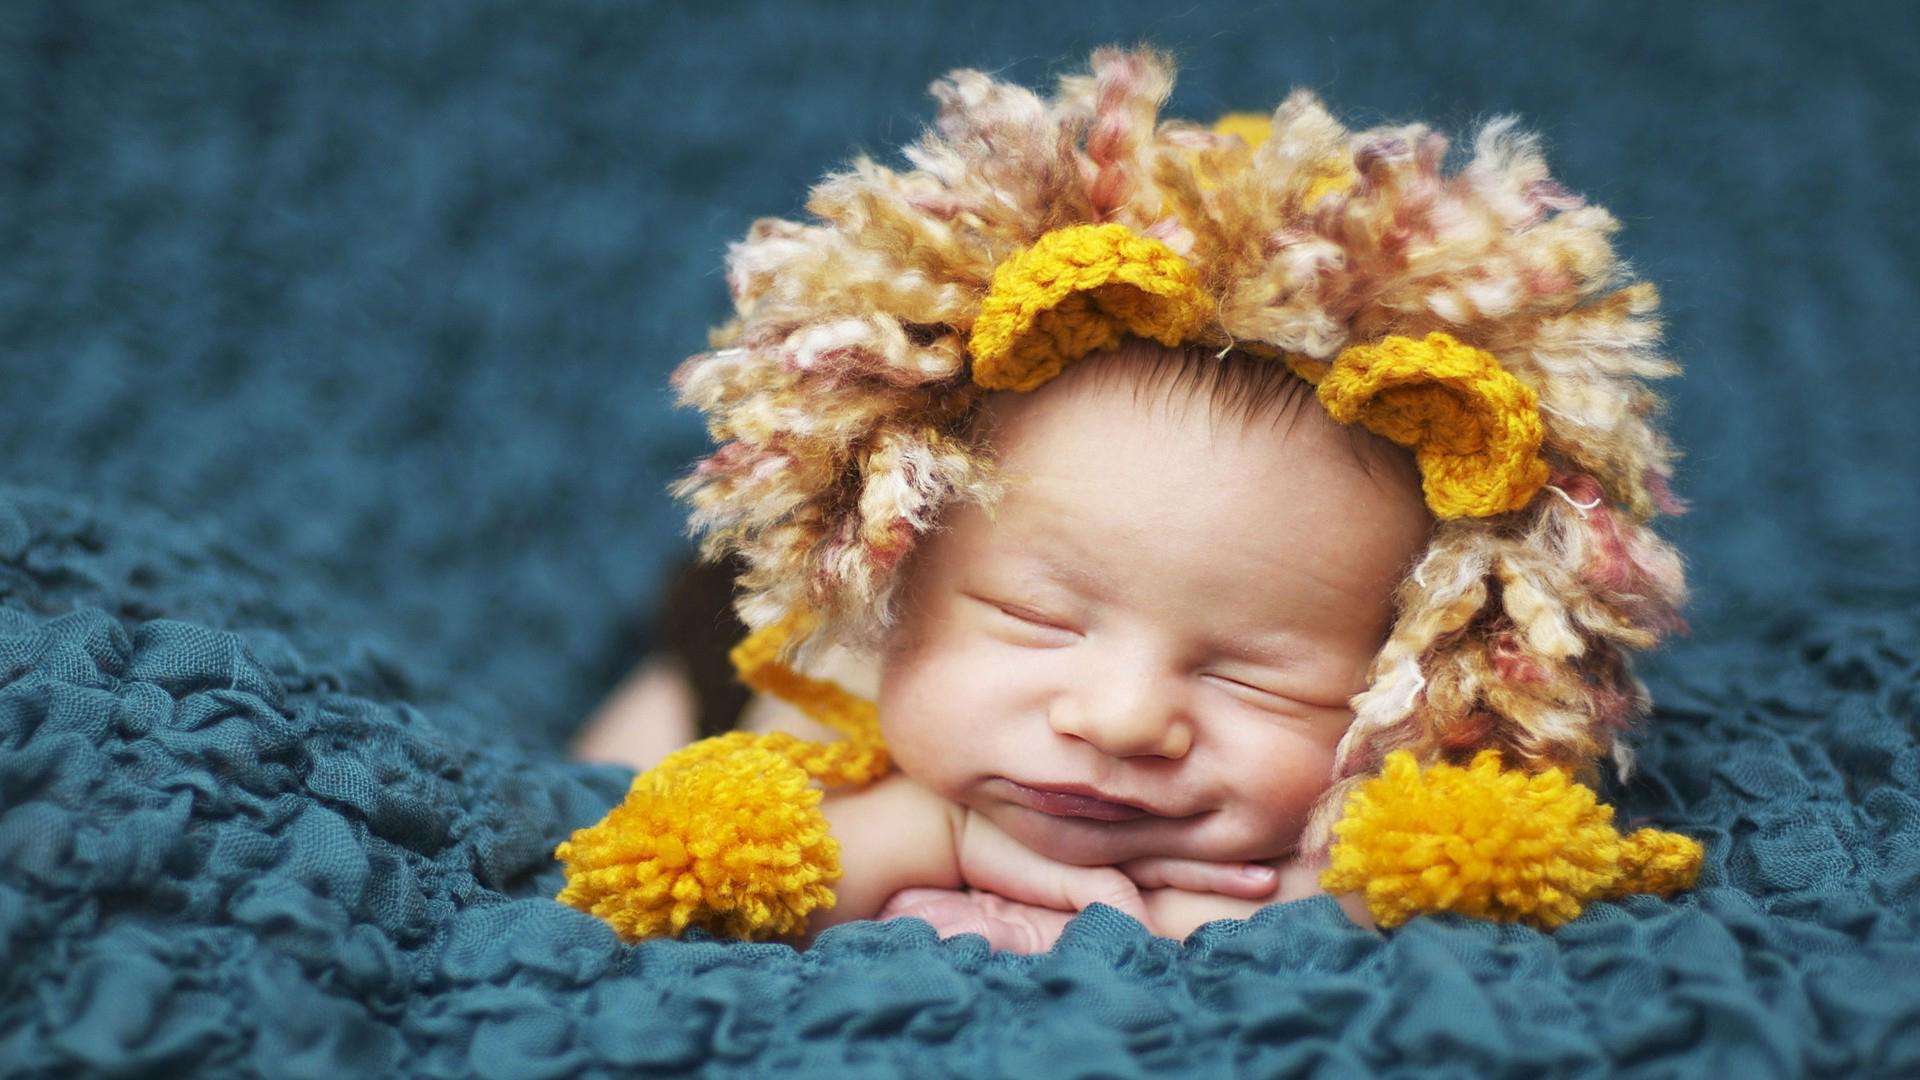 Картинки с ляльками прикольные, благодарности родителям